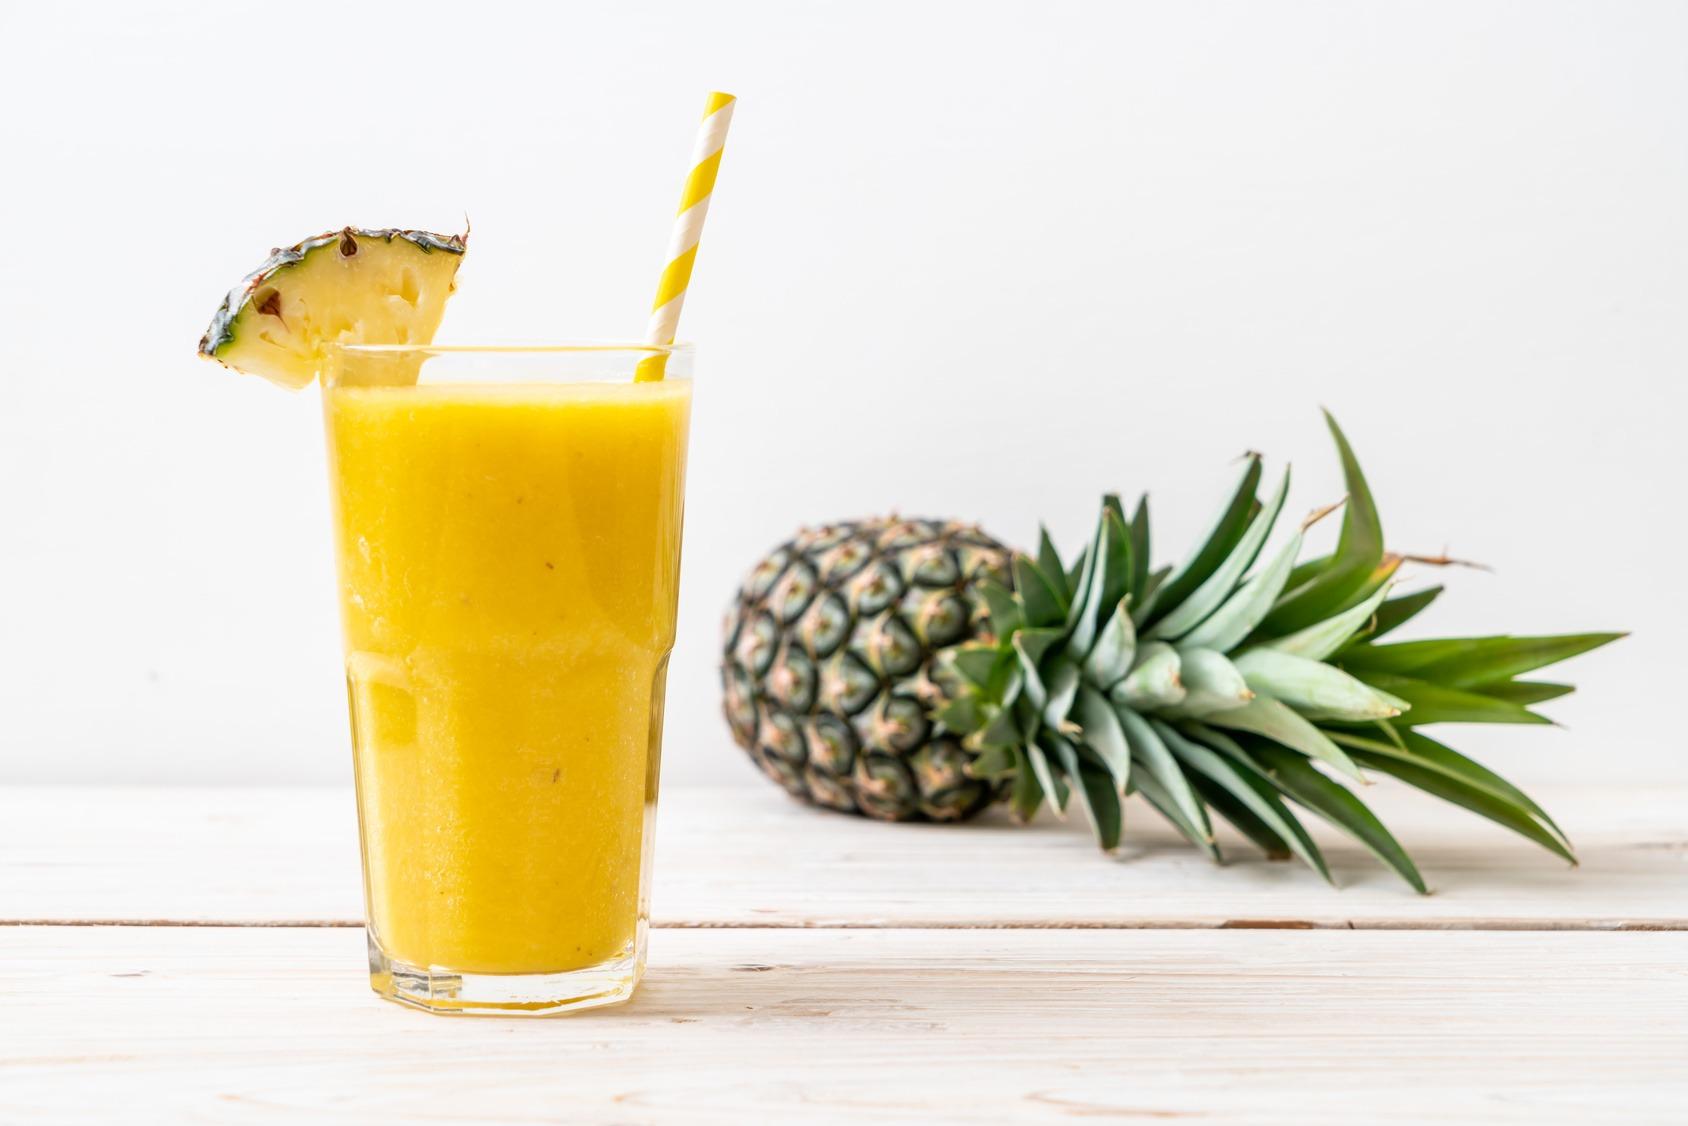 Frischer, selber gemachter Ananassaft in einem Glas mit Röhrchen auf einem hellen Holztisch. Im Hintergrund liegt eine ganze Ananas.